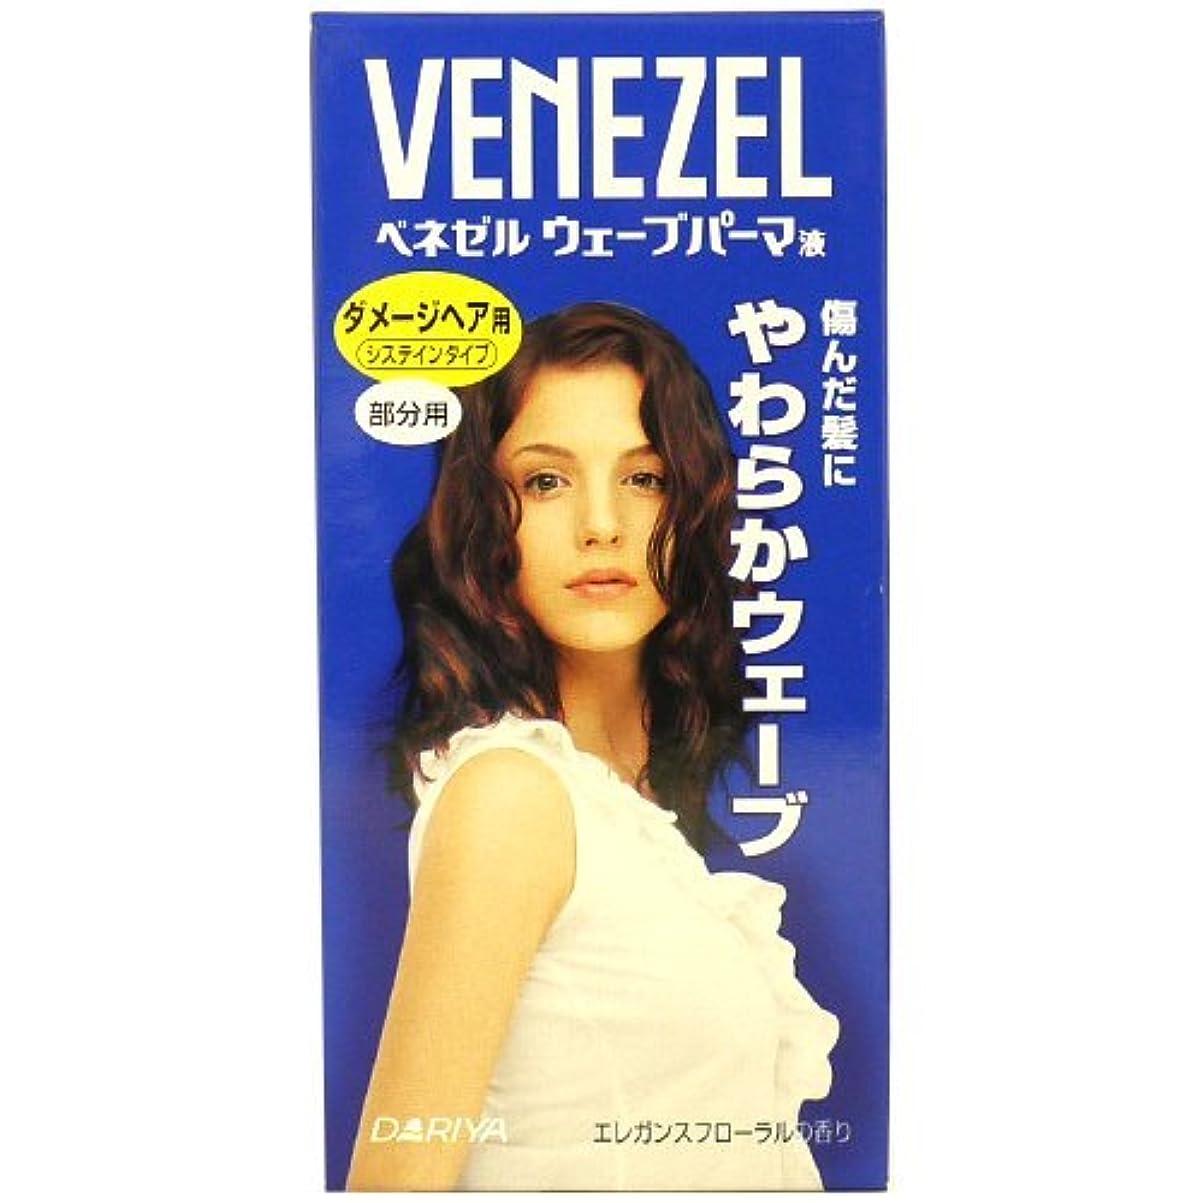 ワークショップ期待する解釈的ダリヤ ベネゼル ウェーブパーマ液 ダメージヘア用 部分用